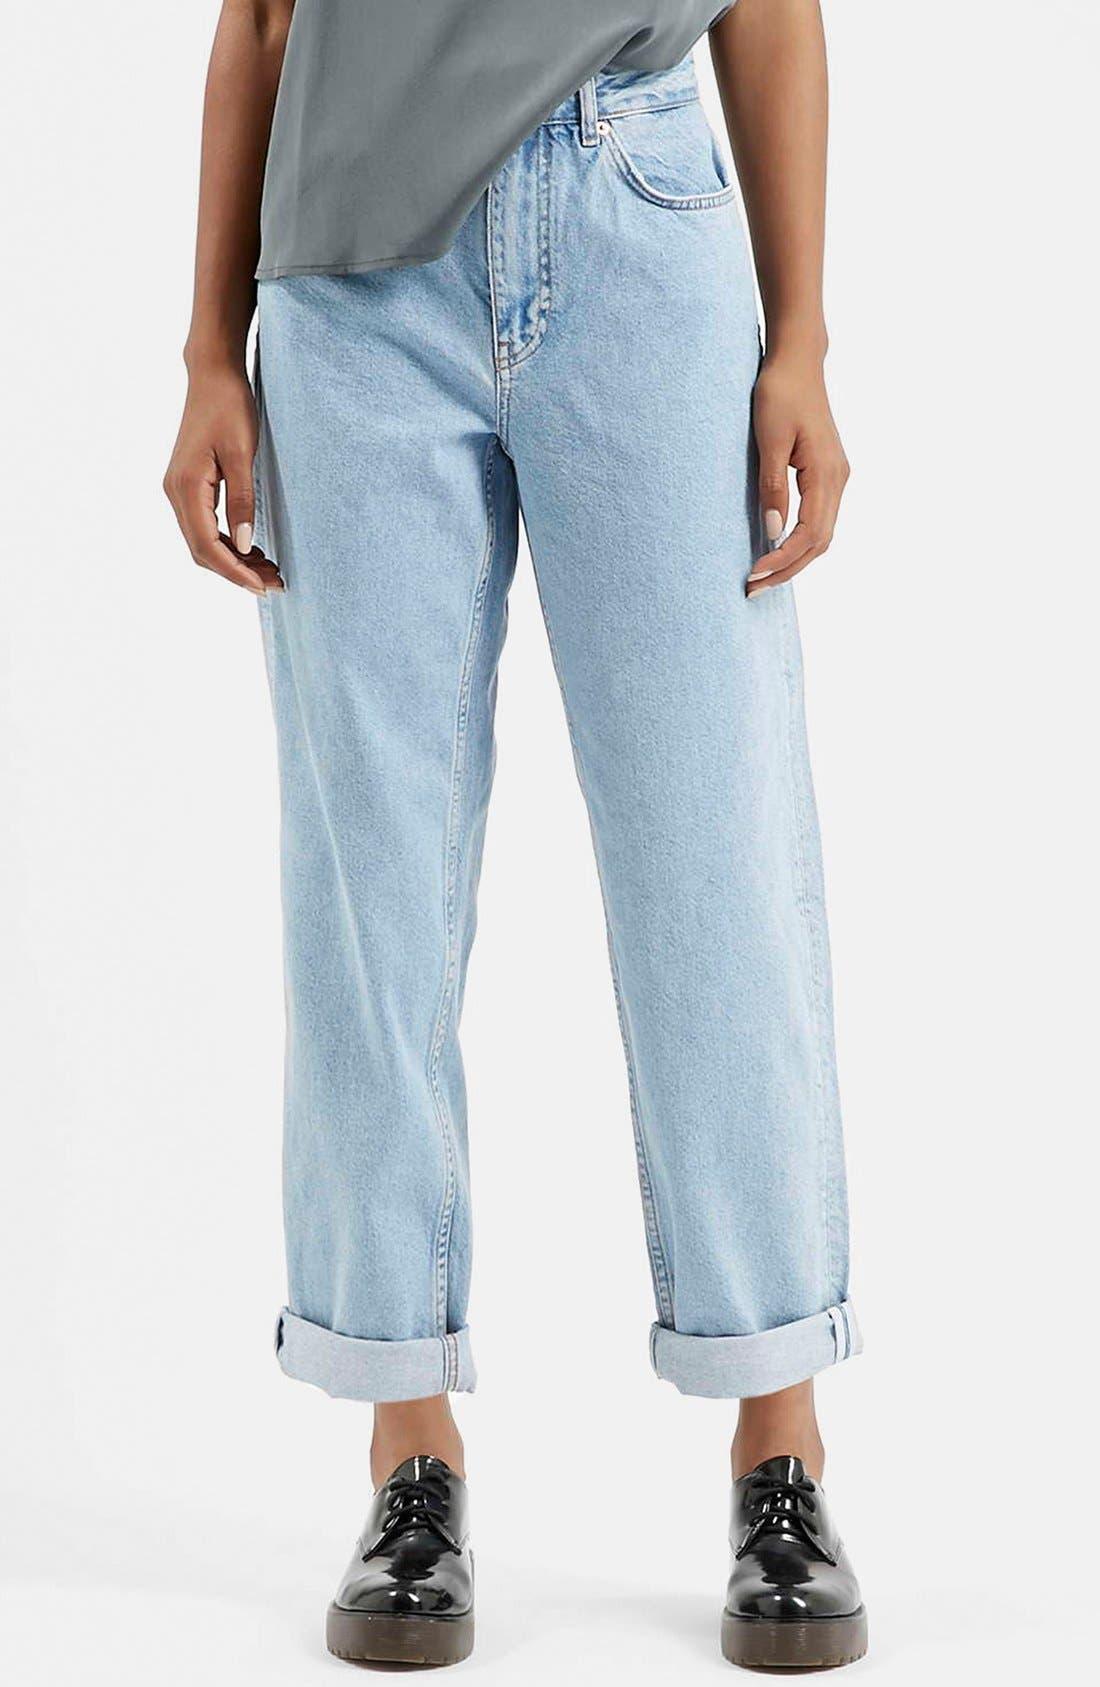 Alternate Image 1 Selected - Topshop Boutique Vintage Boyfriend Jeans (Blue)